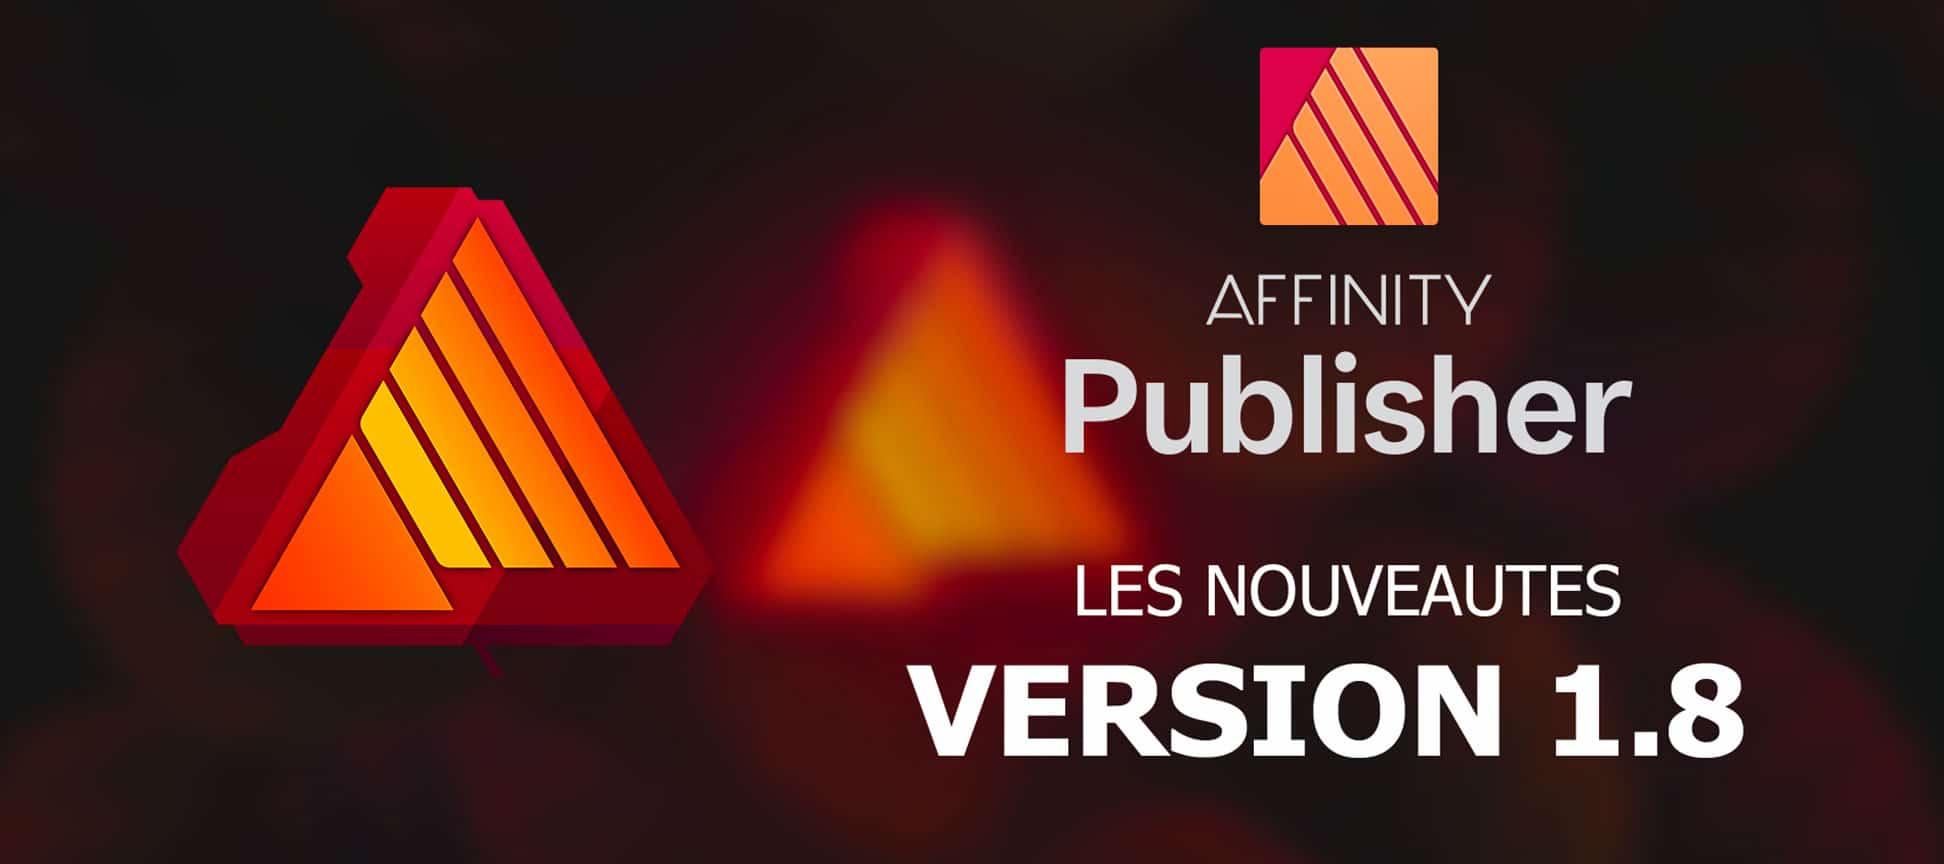 vignette tutoriel nouveautes affinity publisher 1.8